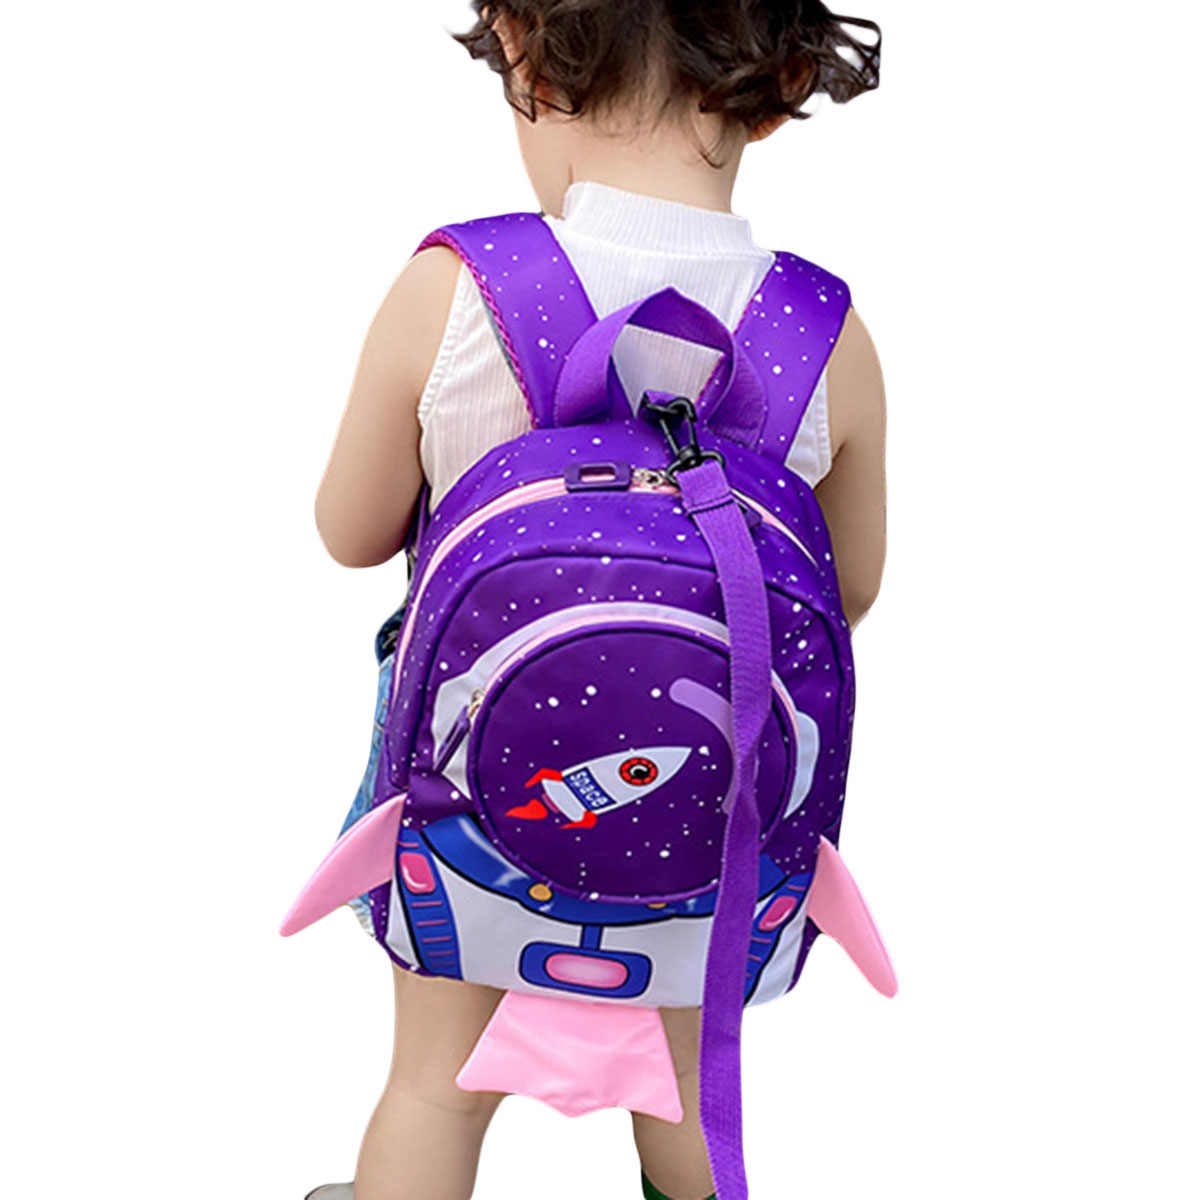 Kleinkind Infant Baby Junge Mädchen Schule Tasche Raum Rakete Print Kindergarten Rucksack Kid Umhängetasche Nette